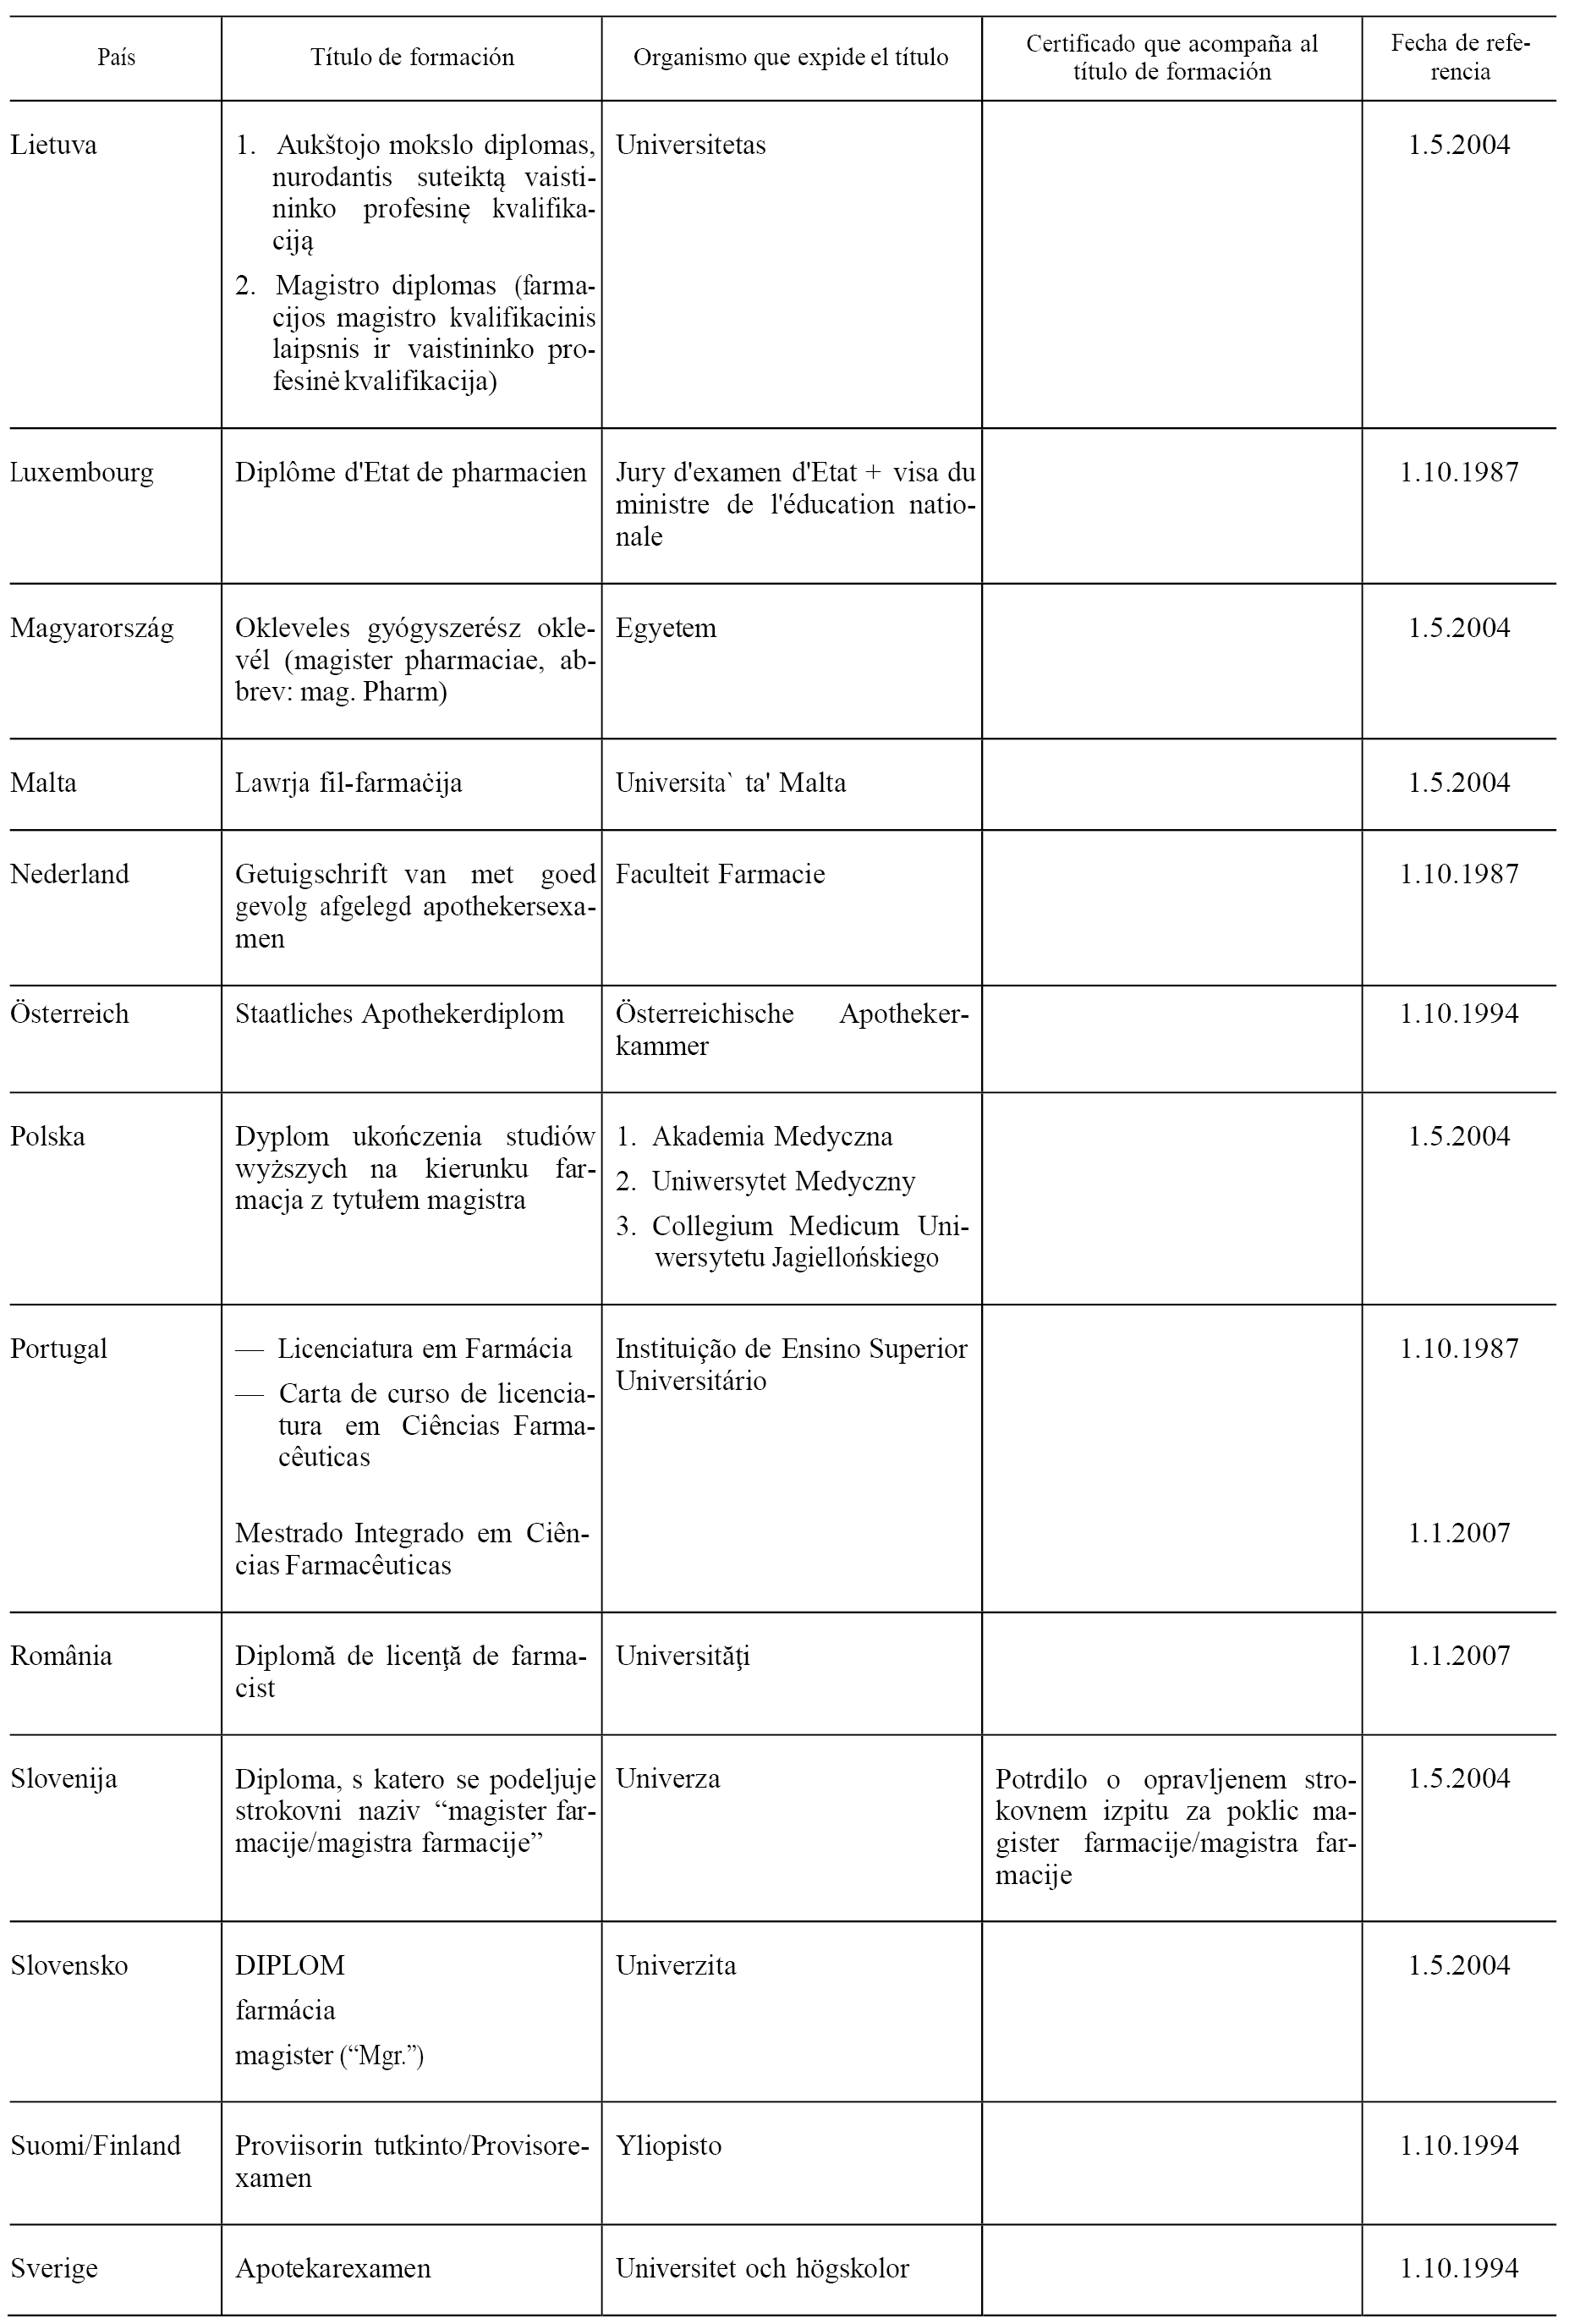 BOE.es - Documento consolidado BOE-A-2017-6586